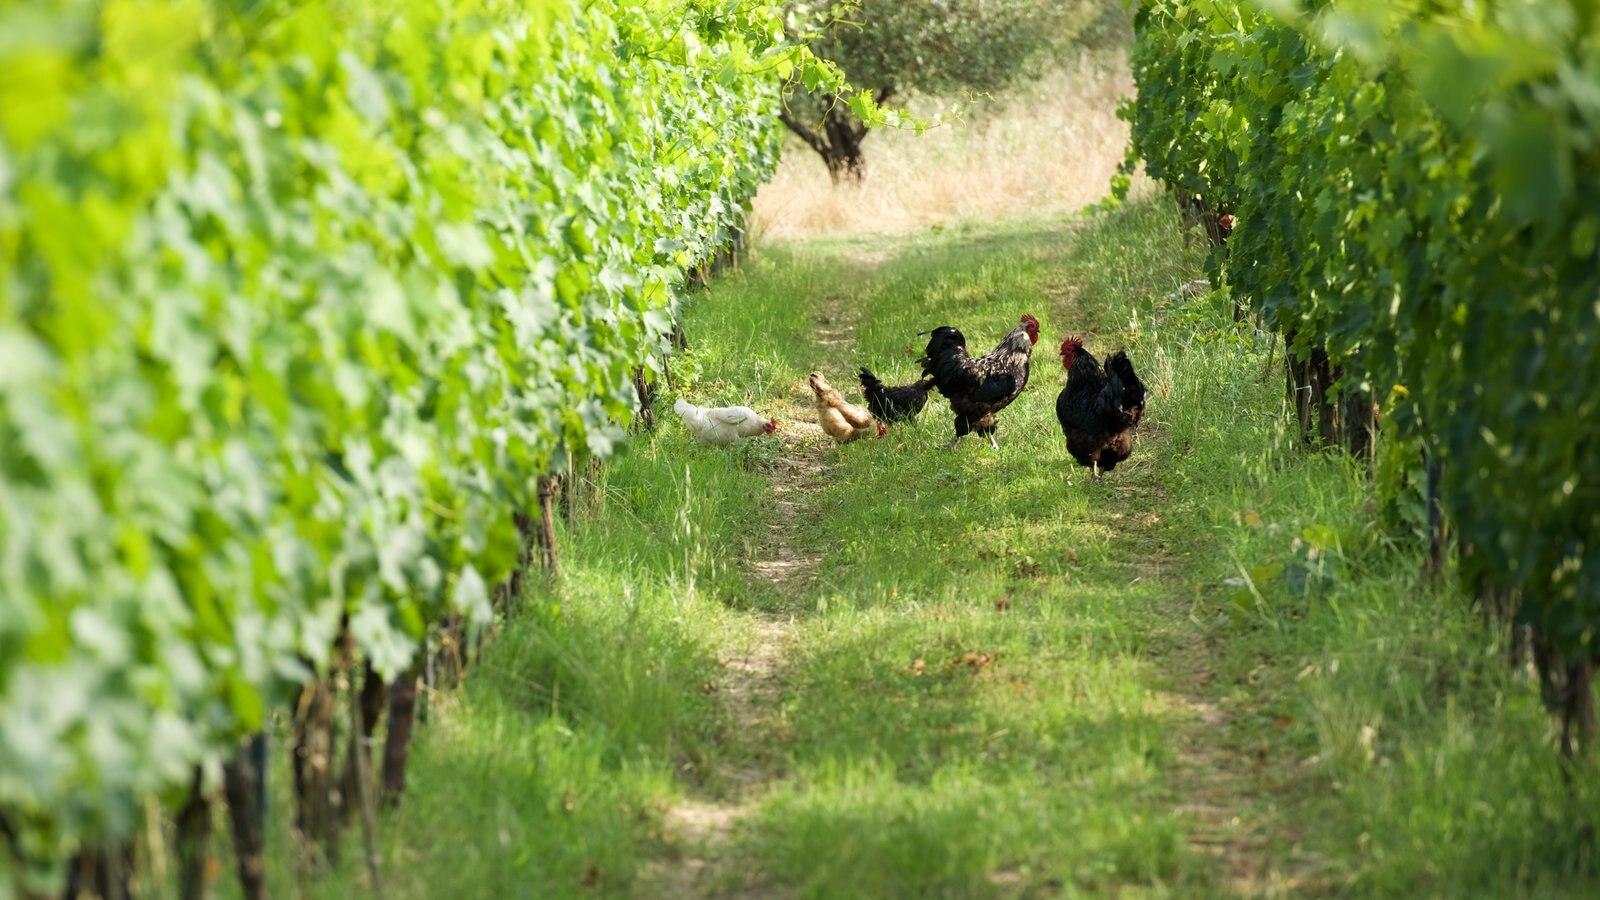 Castellina in Chianti which includes farmland and animals